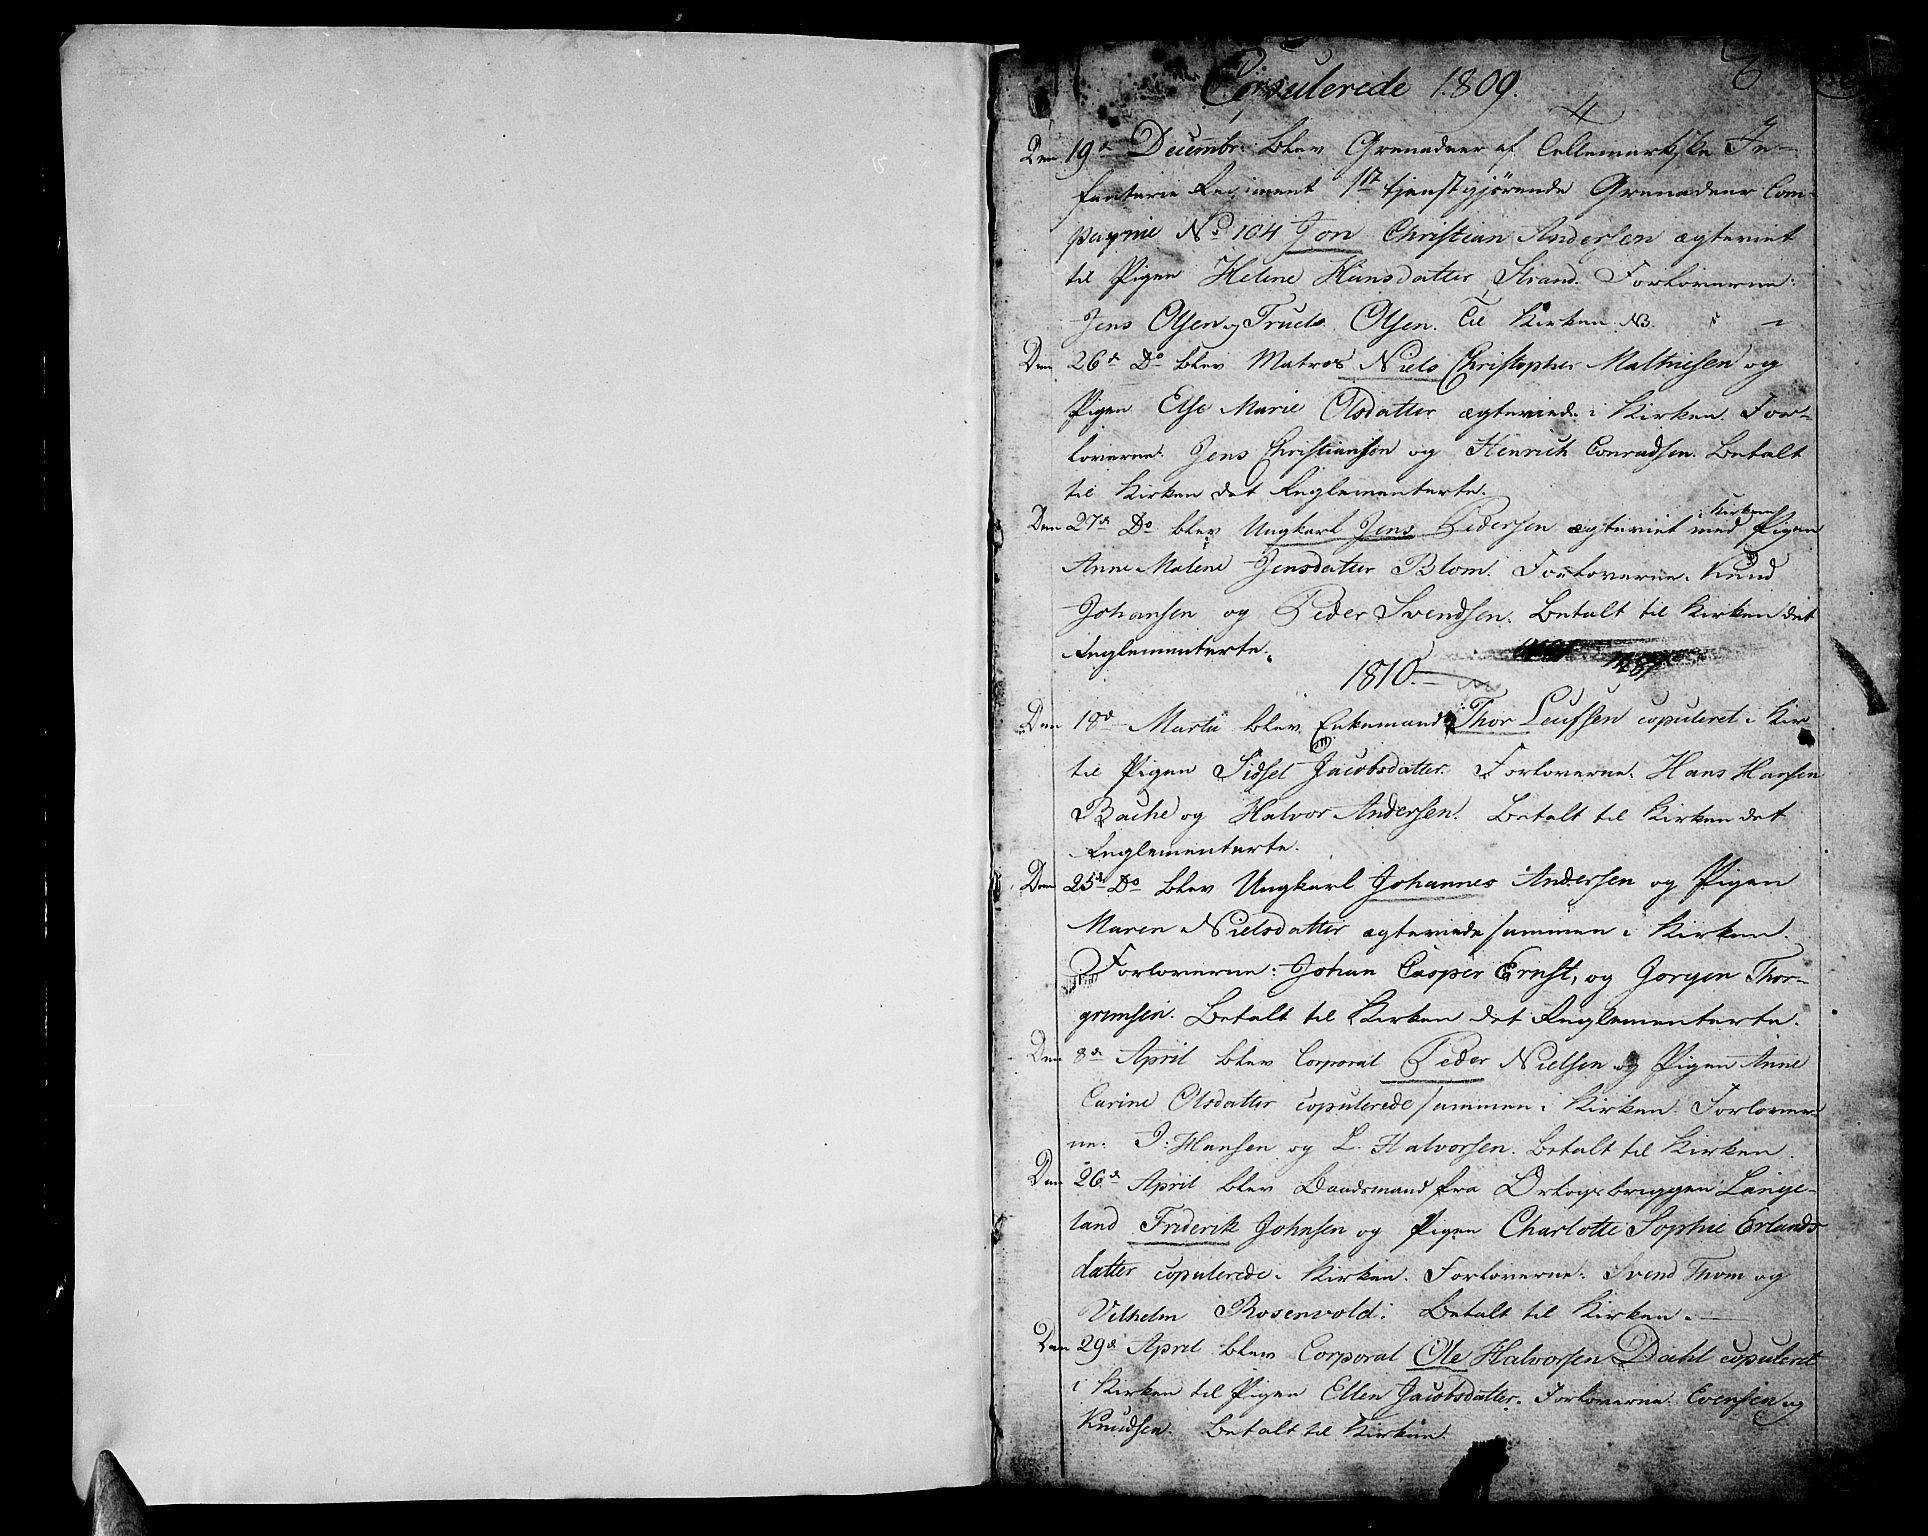 SAKO, Stavern kirkebøker, F/Fa/L0004: Ministerialbok nr. 4, 1809-1816, s. 556-557